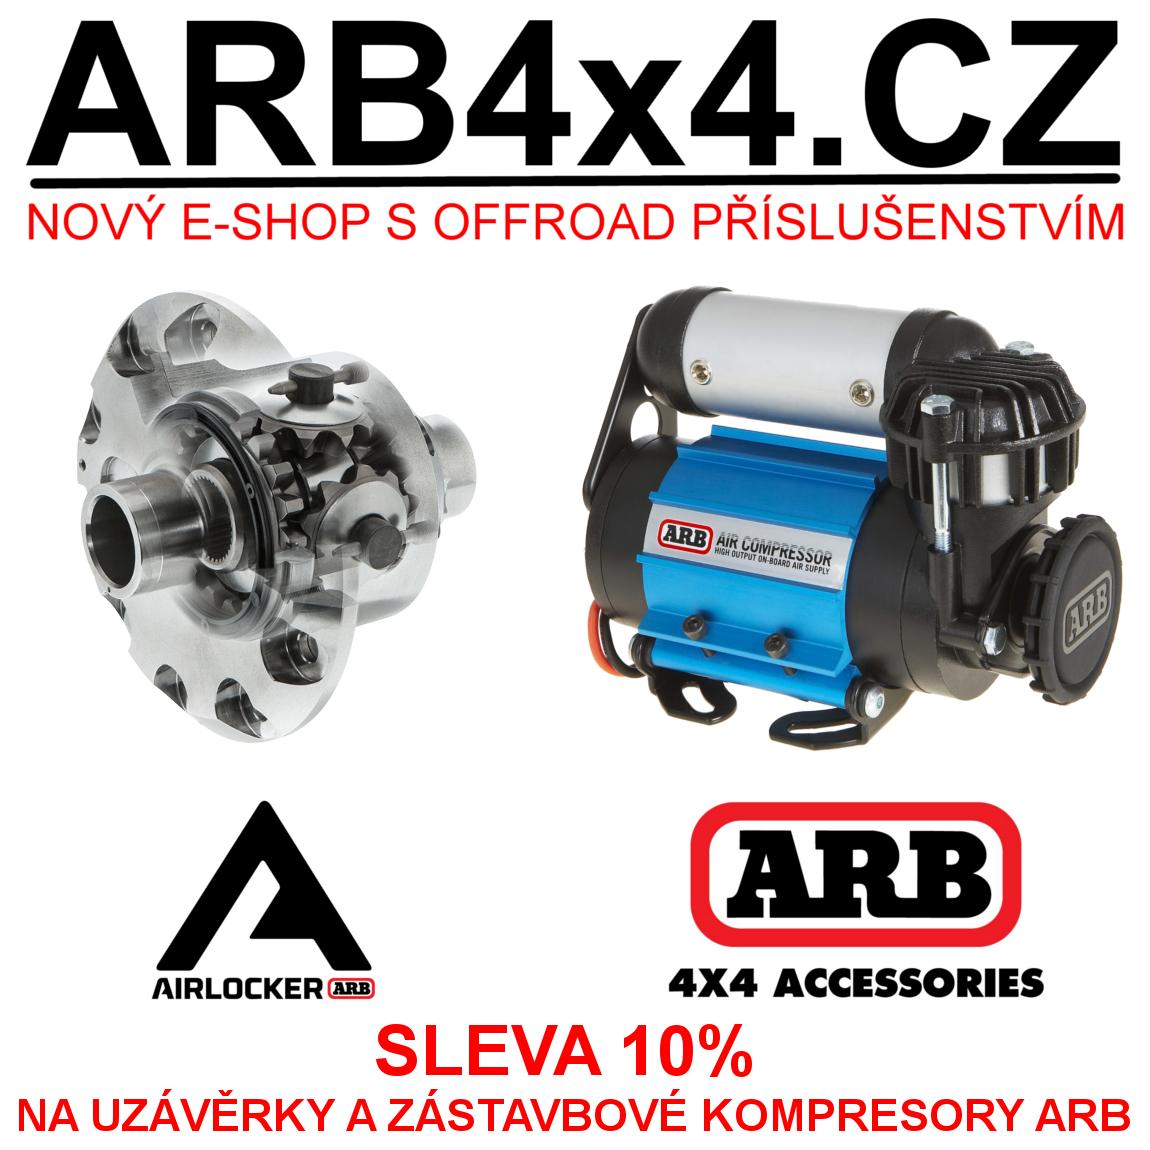 ARB uzávěrky a zástavbové kompresory se slevou 10%